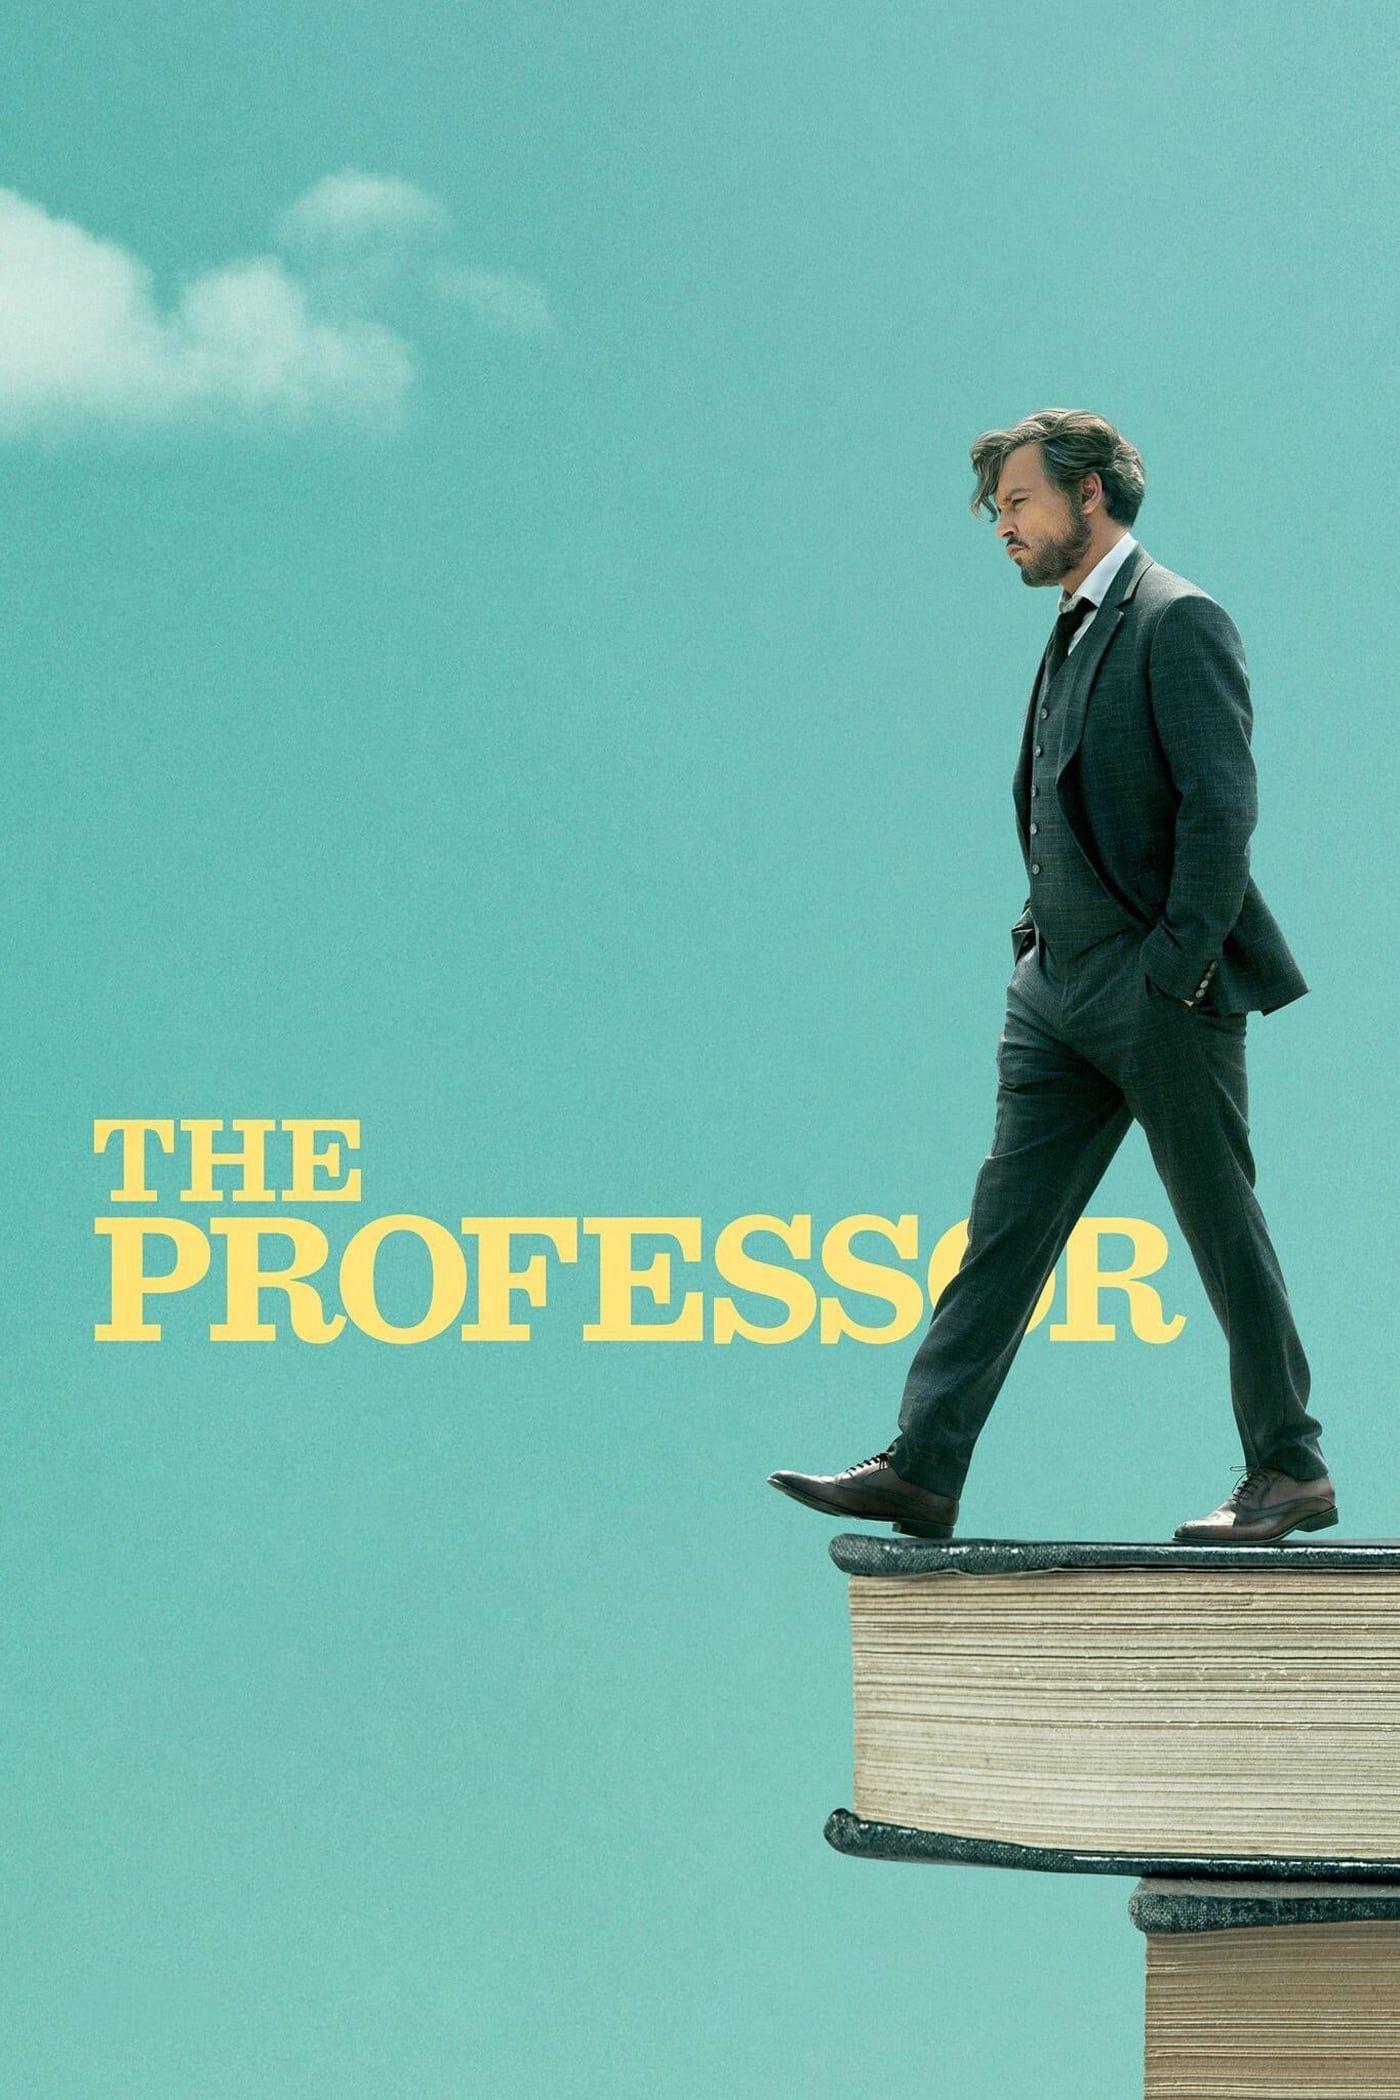 Hd The Professor 183 Film Completo Italiano Dall Inizio Alla Fine Gratis In 2020 Professor Movie Full Movies Streaming Movies